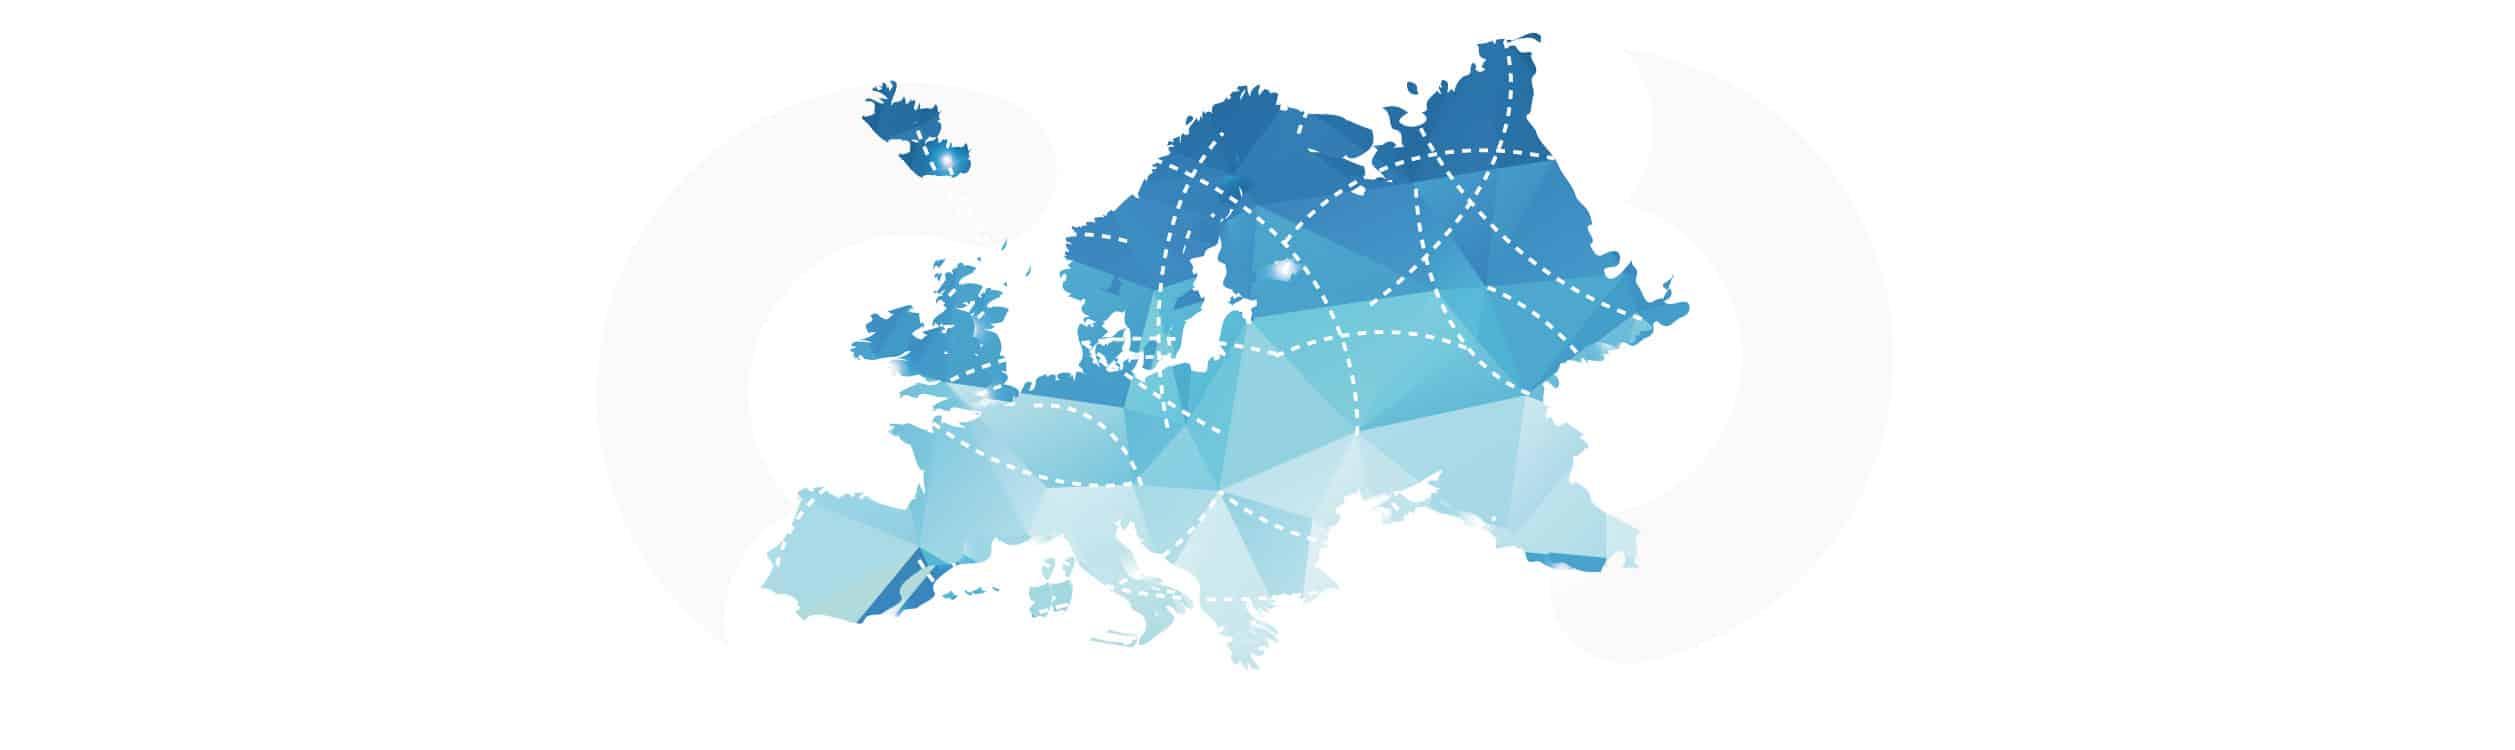 Landkarte von Europa als Illustration zum Artikel über coronavirus COVID-19 LogistiK update